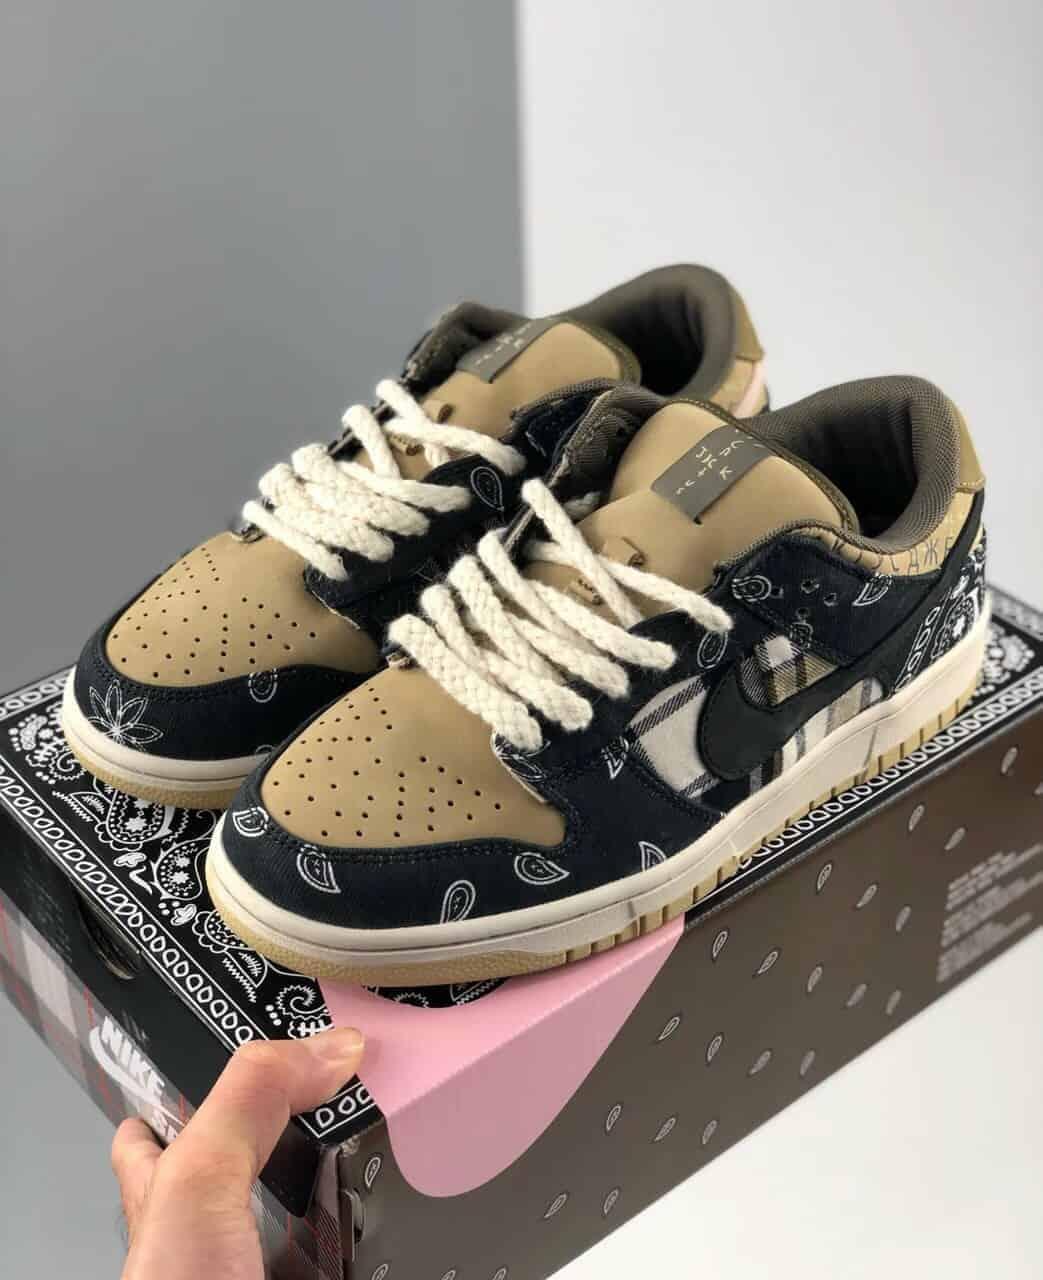 Giày Nike SB Dunk rep 1:1 có mức giá mềm hơn giày hàng Real khoảng 50%